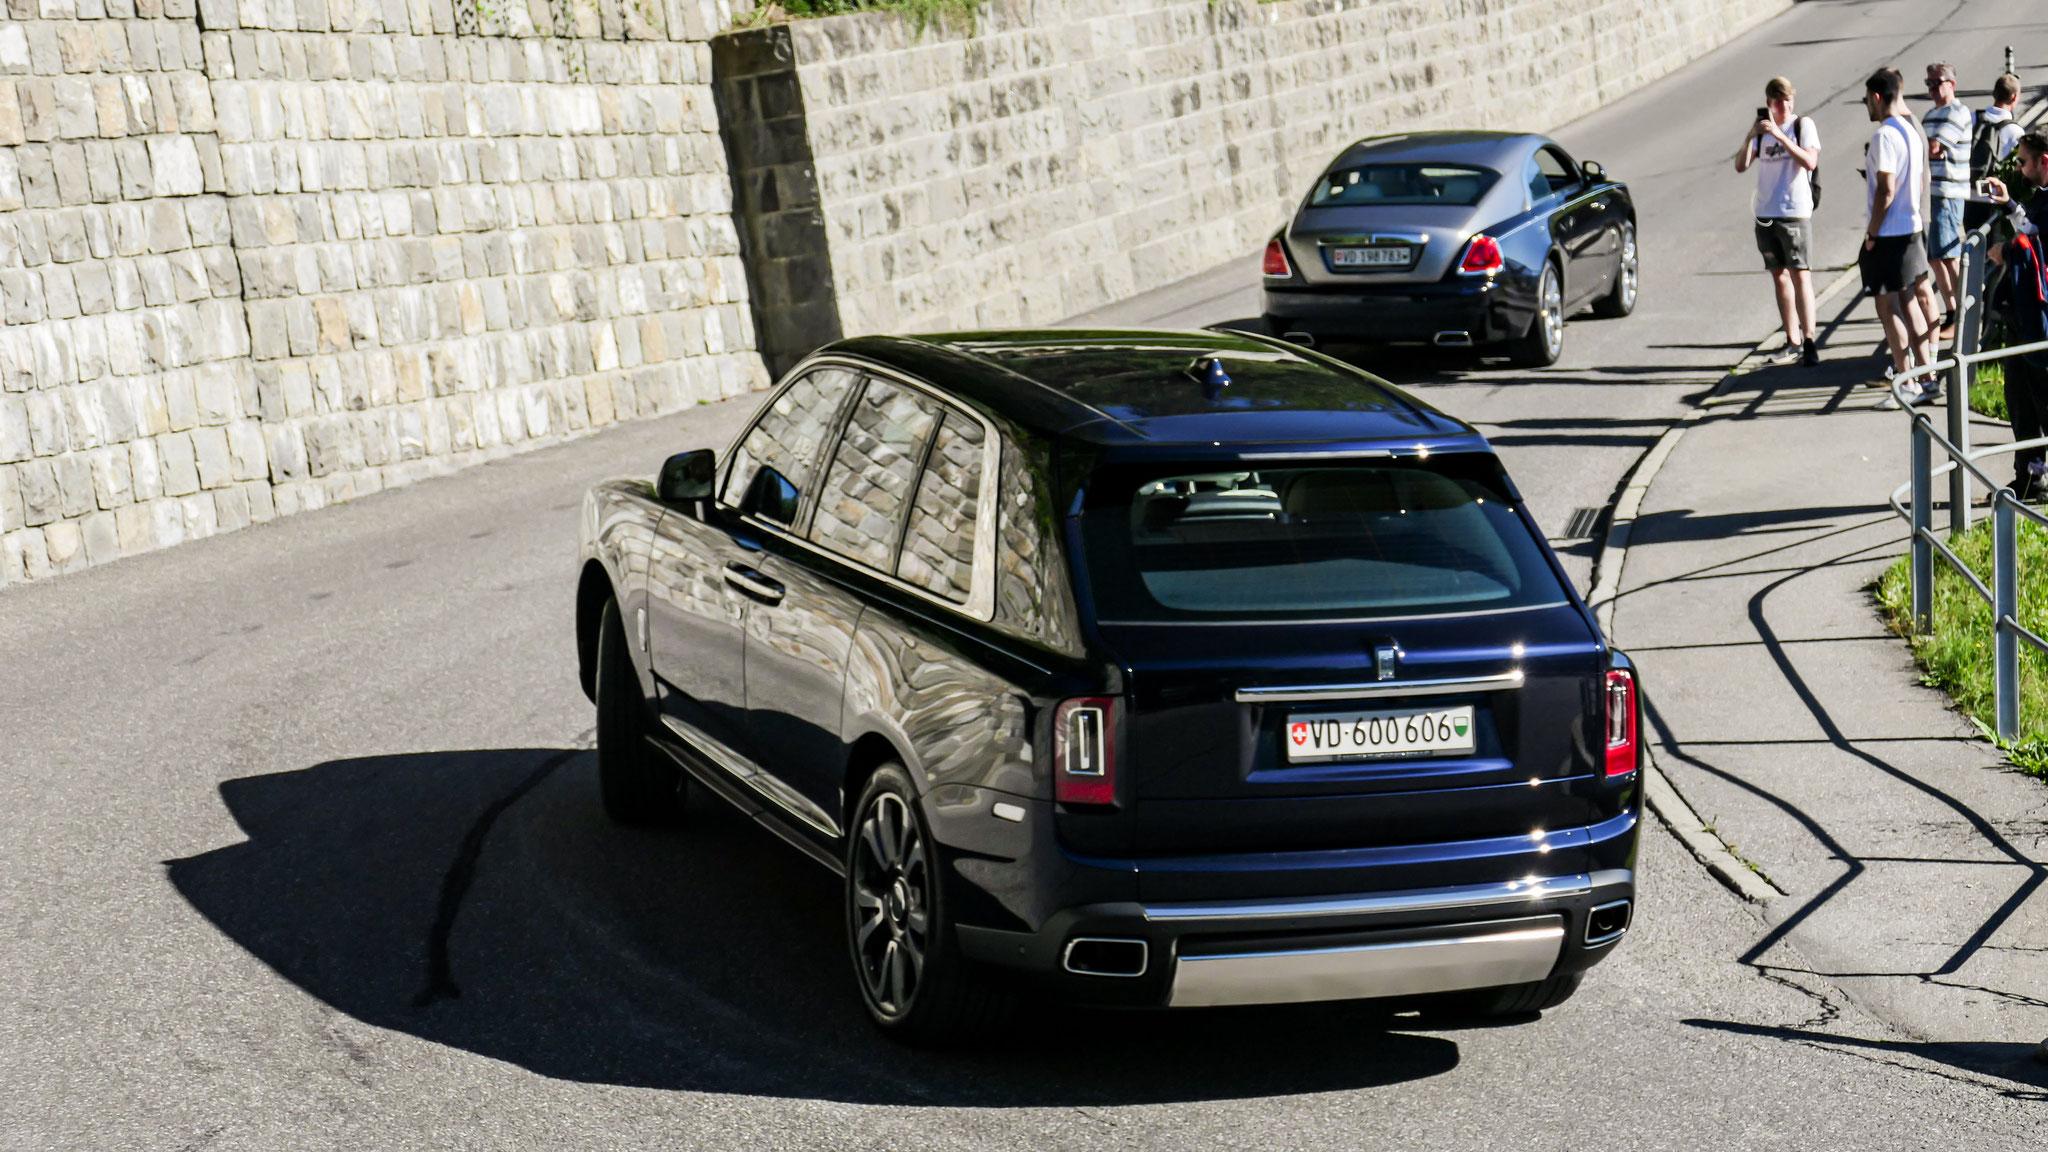 Rolls Royce Cullinan - VW-600606 (CH)